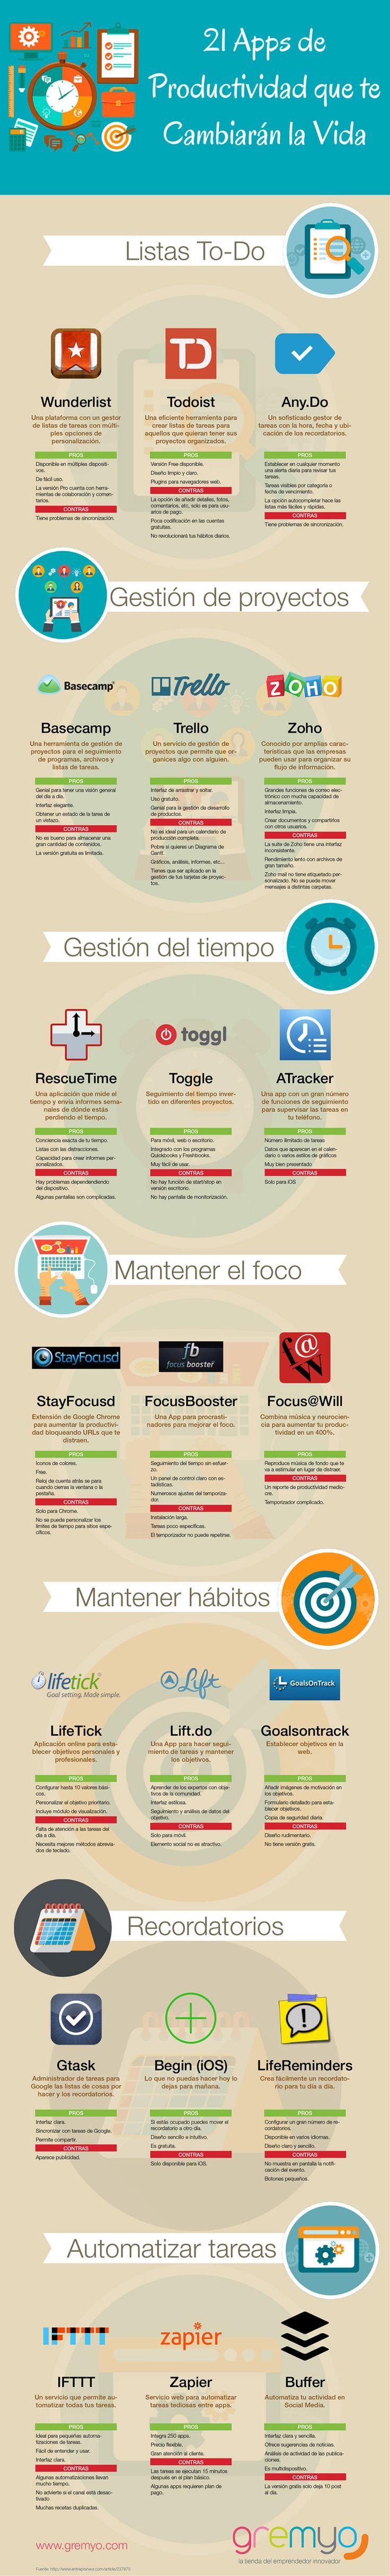 Infografía: 21 Apps que te ayudarán a ser más productivo #productividad